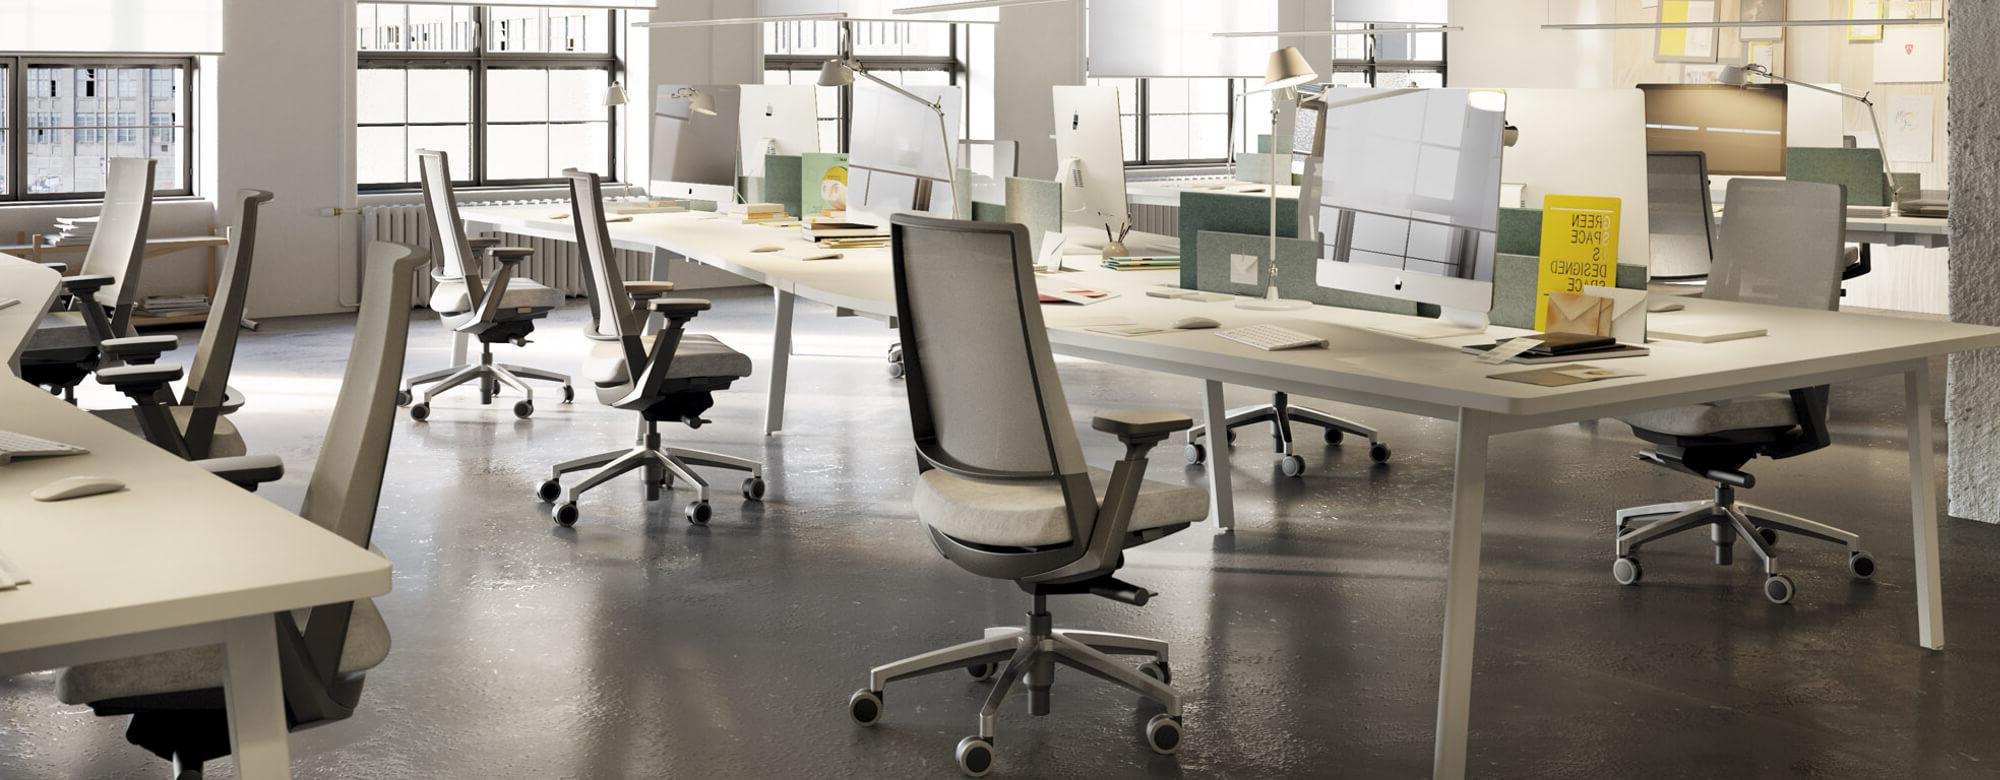 Sillas Oficina Madrid Gdd0 Muebles De Oficina Mesas De Oficina Y Mobiliario De Oficina En